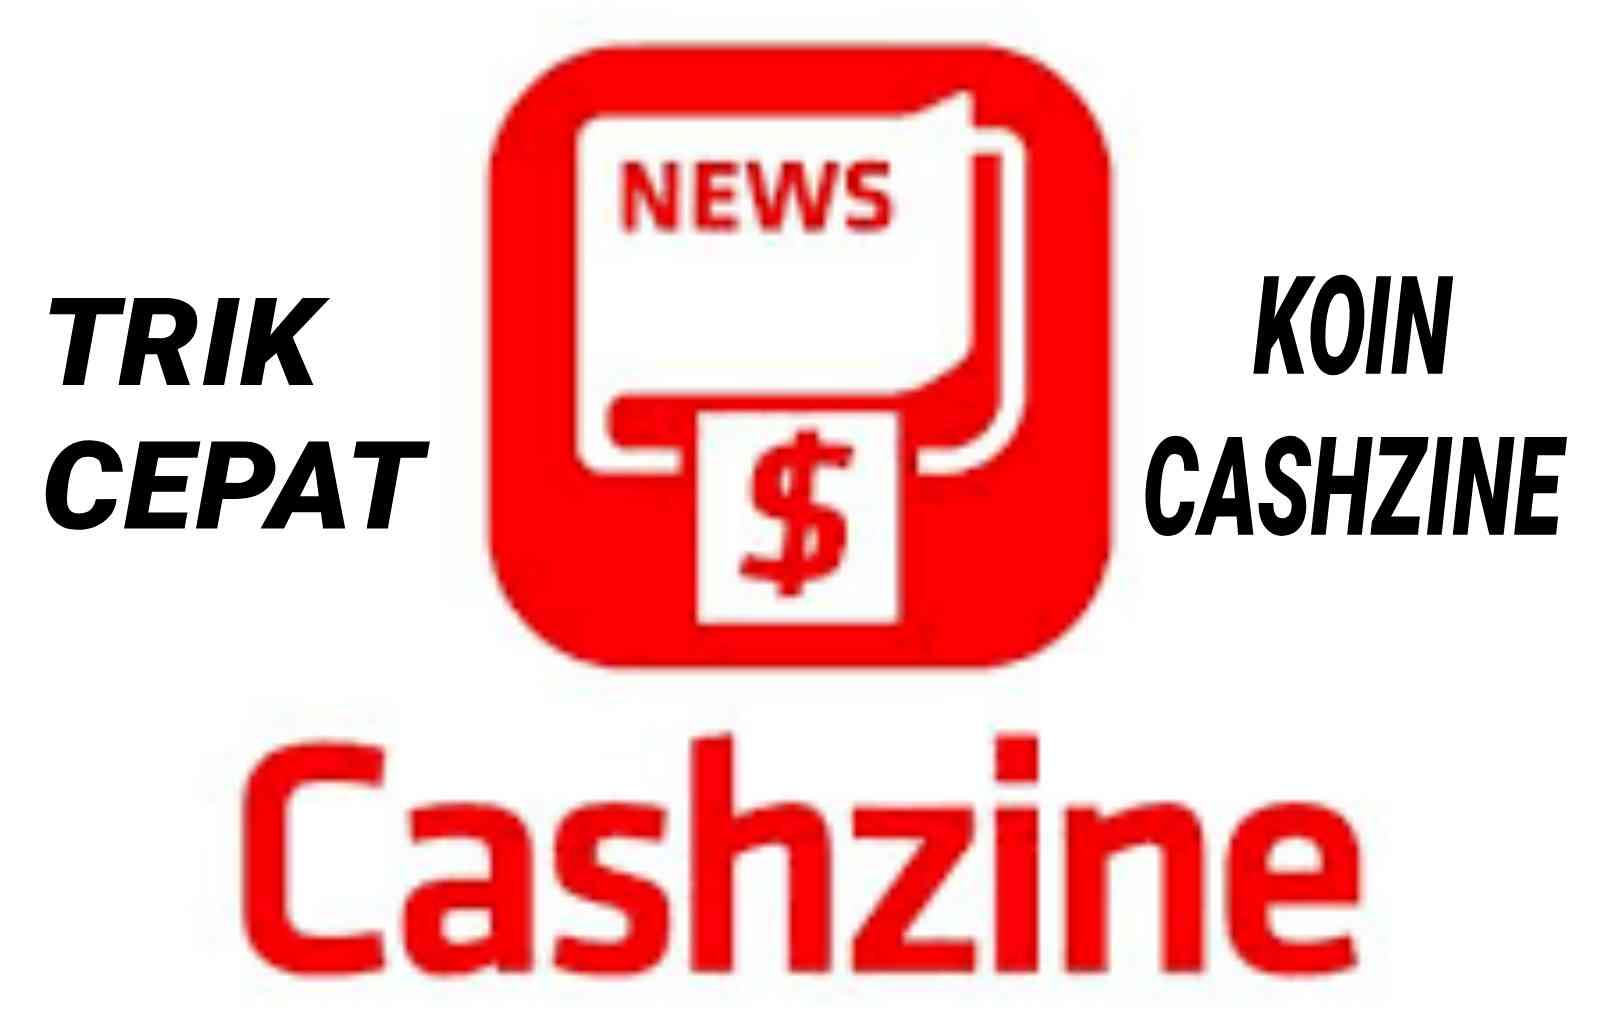 Cara Mendapatkan Koin Cashzine Dengan Cepat Tanpa Mengundang Teman 2021 Bukan Kapten